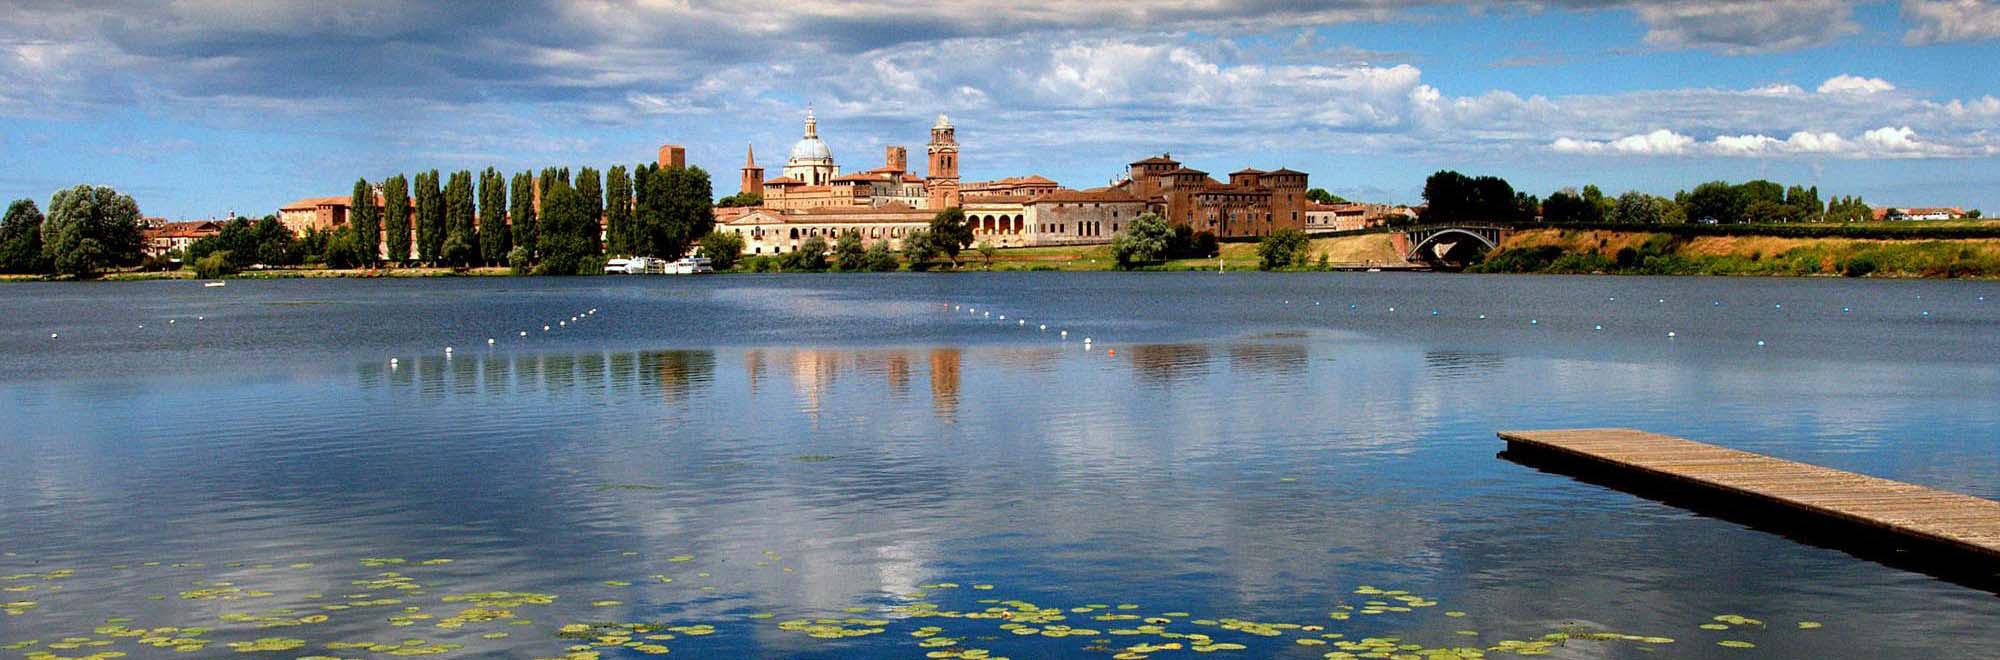 crociere fluviali Parco del Mincio e laghi di Mantova | NAVI ANDES navigazione con motonavi